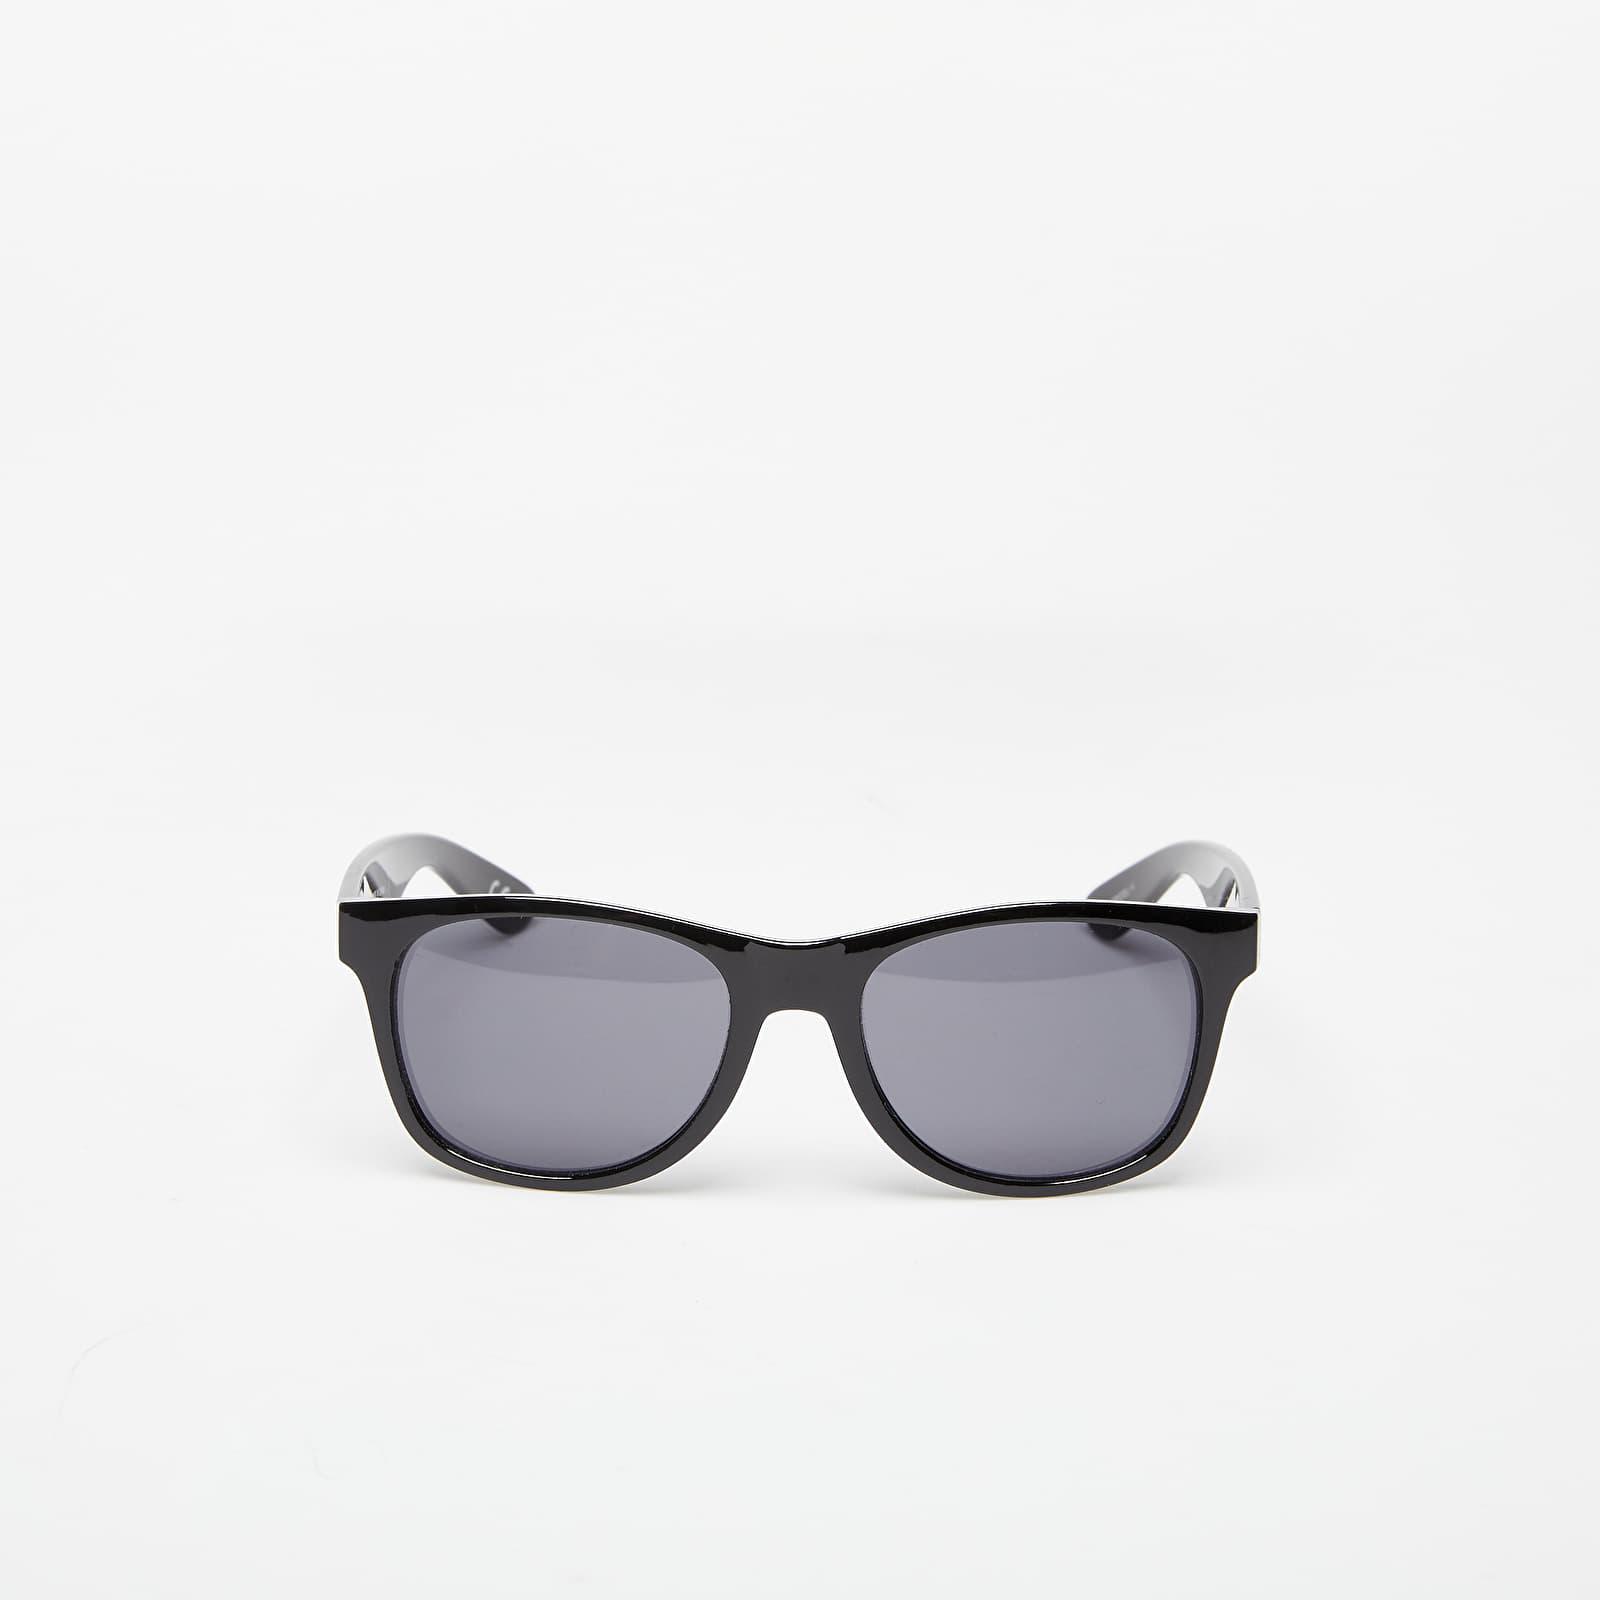 Sunglasses Vans Spicoli 4 Shades Sunglasses Black